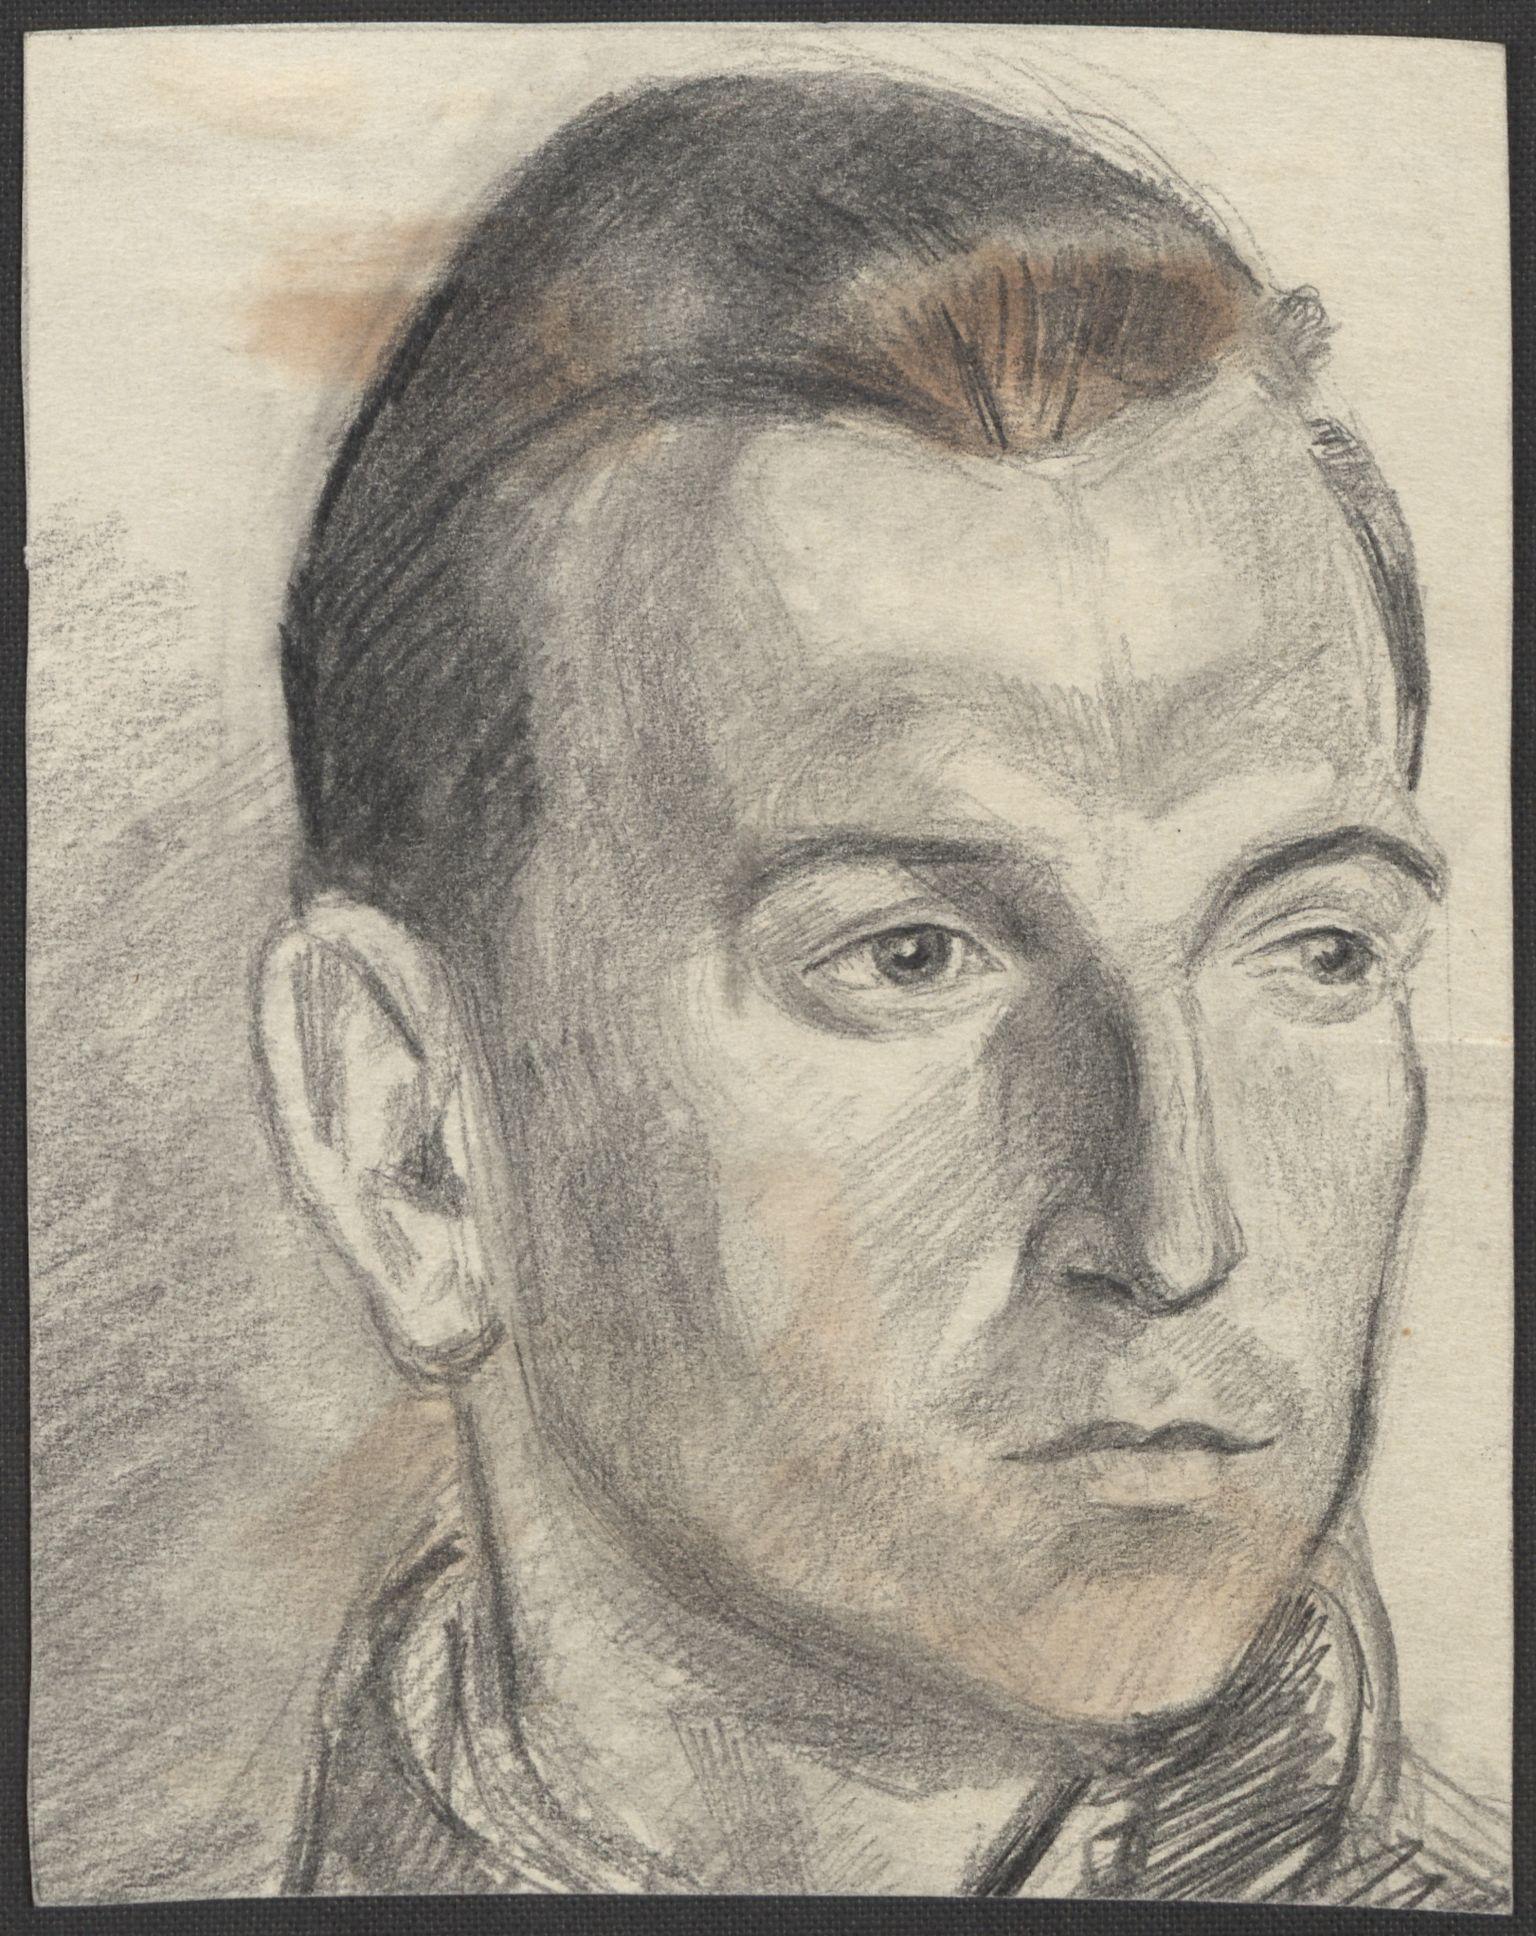 RA, Grøgaard, Joachim, F/L0002: Tegninger og tekster, 1942-1945, s. 47